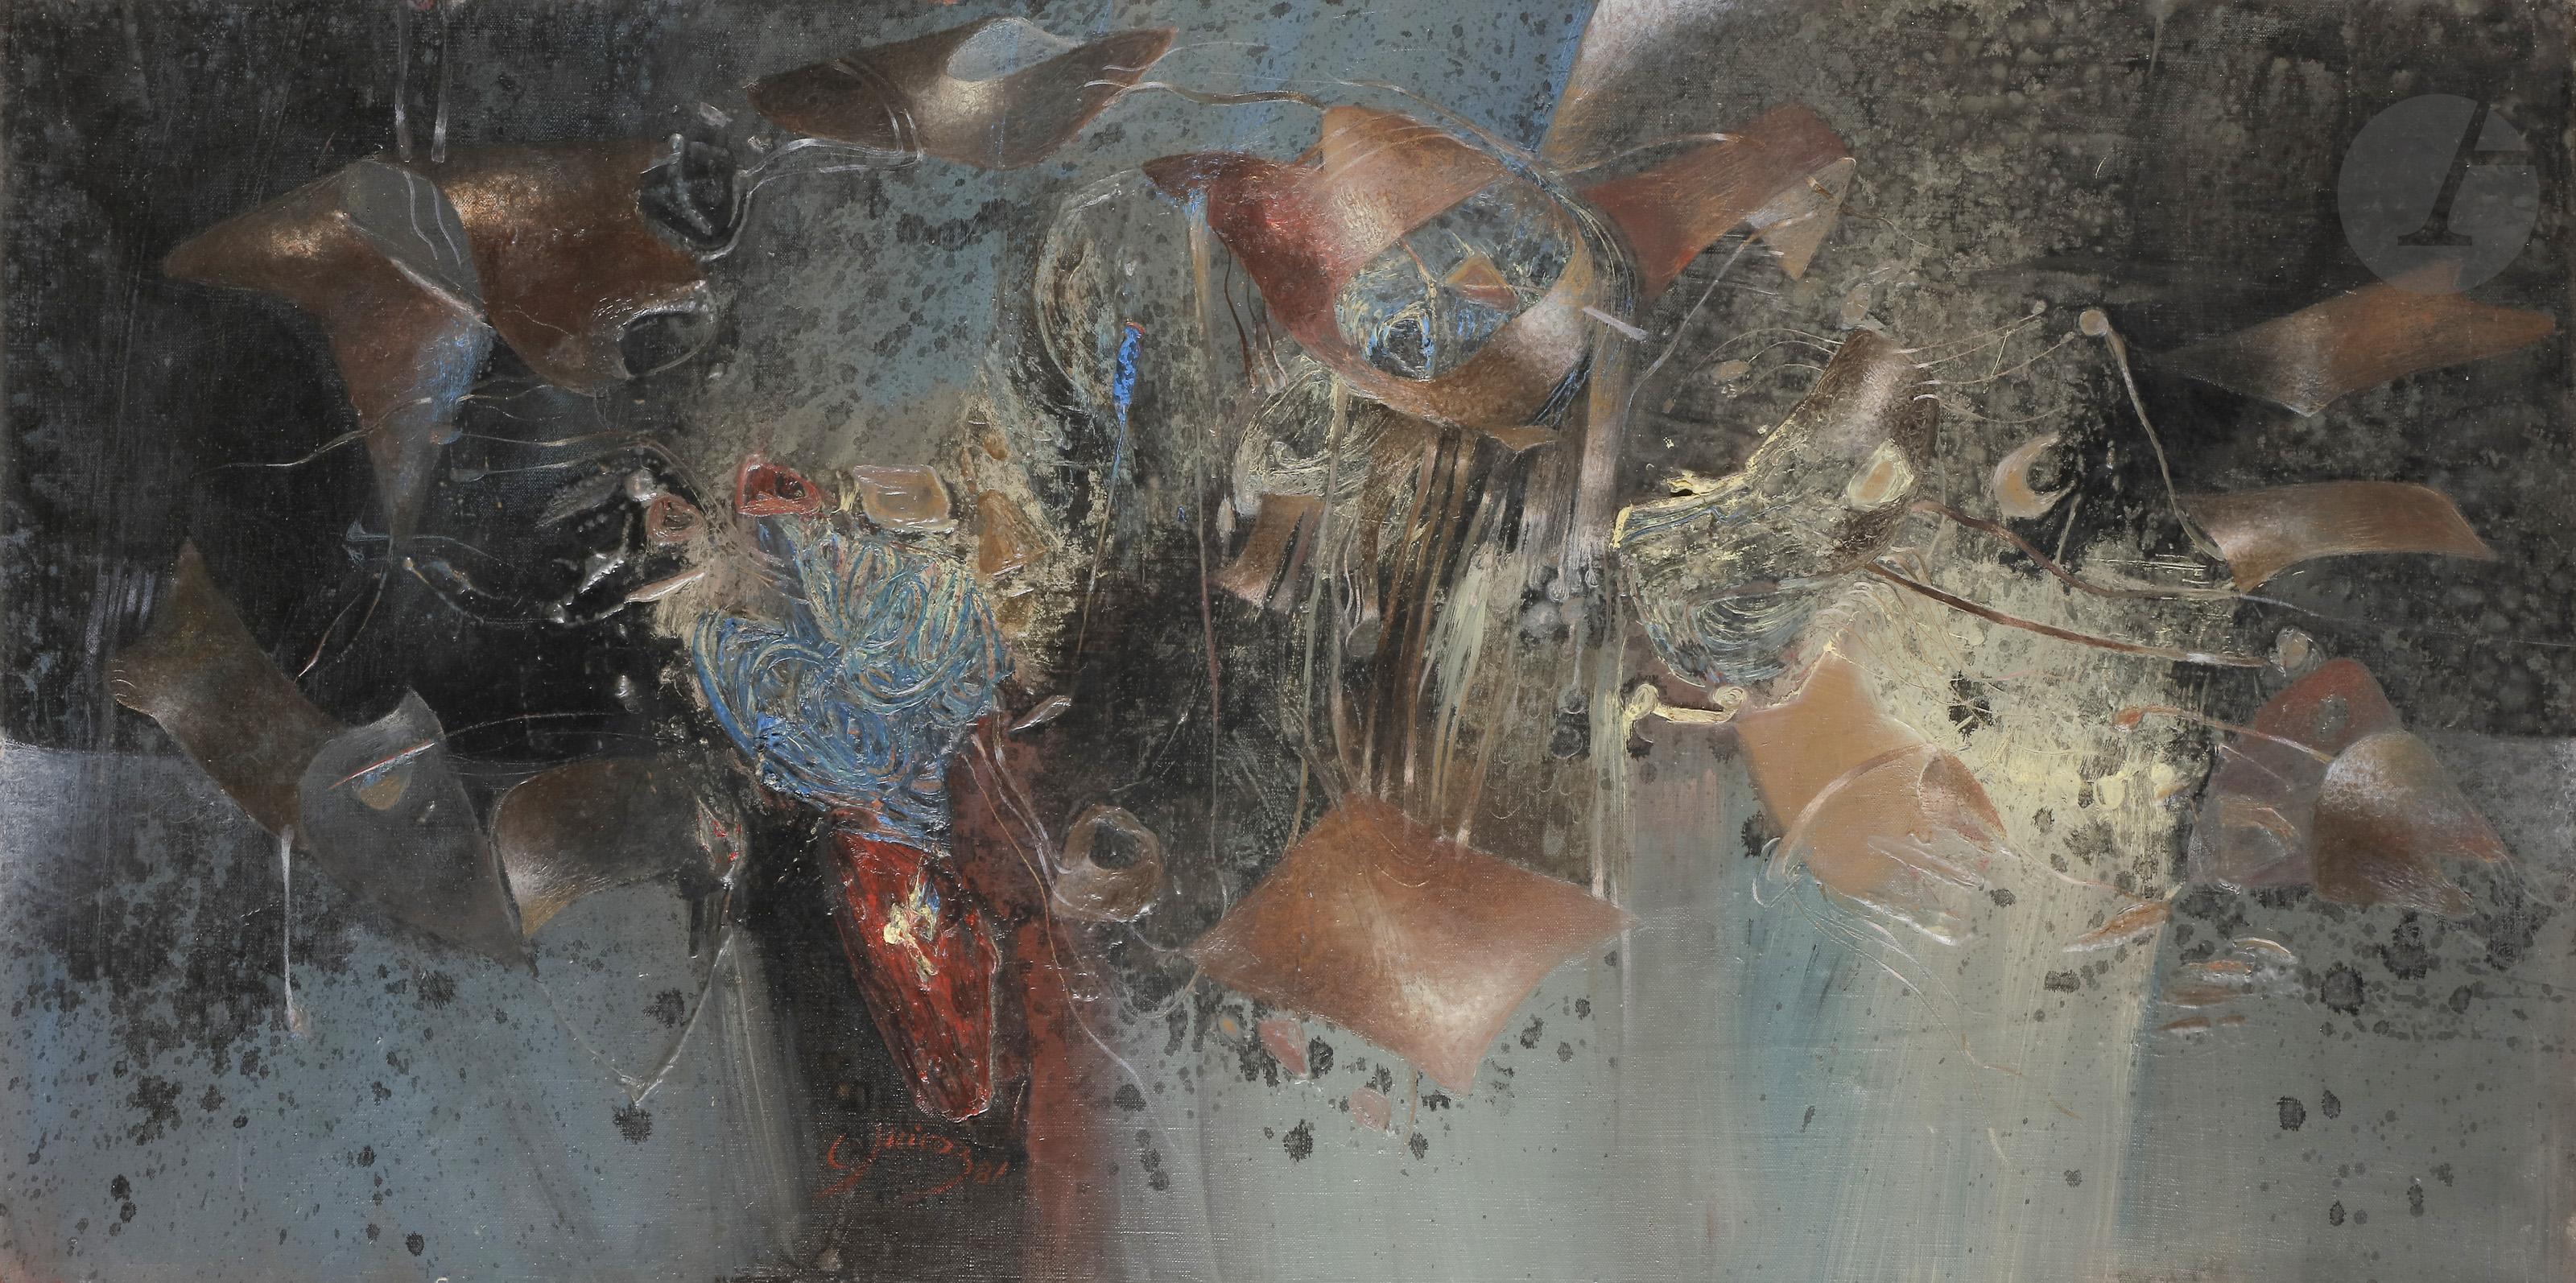 Lot 37 - Rodolfo QUIROZ [péruvien] (né en 1942)Composition, 1981Huile sur toile.Signée et datée au dos.Signée